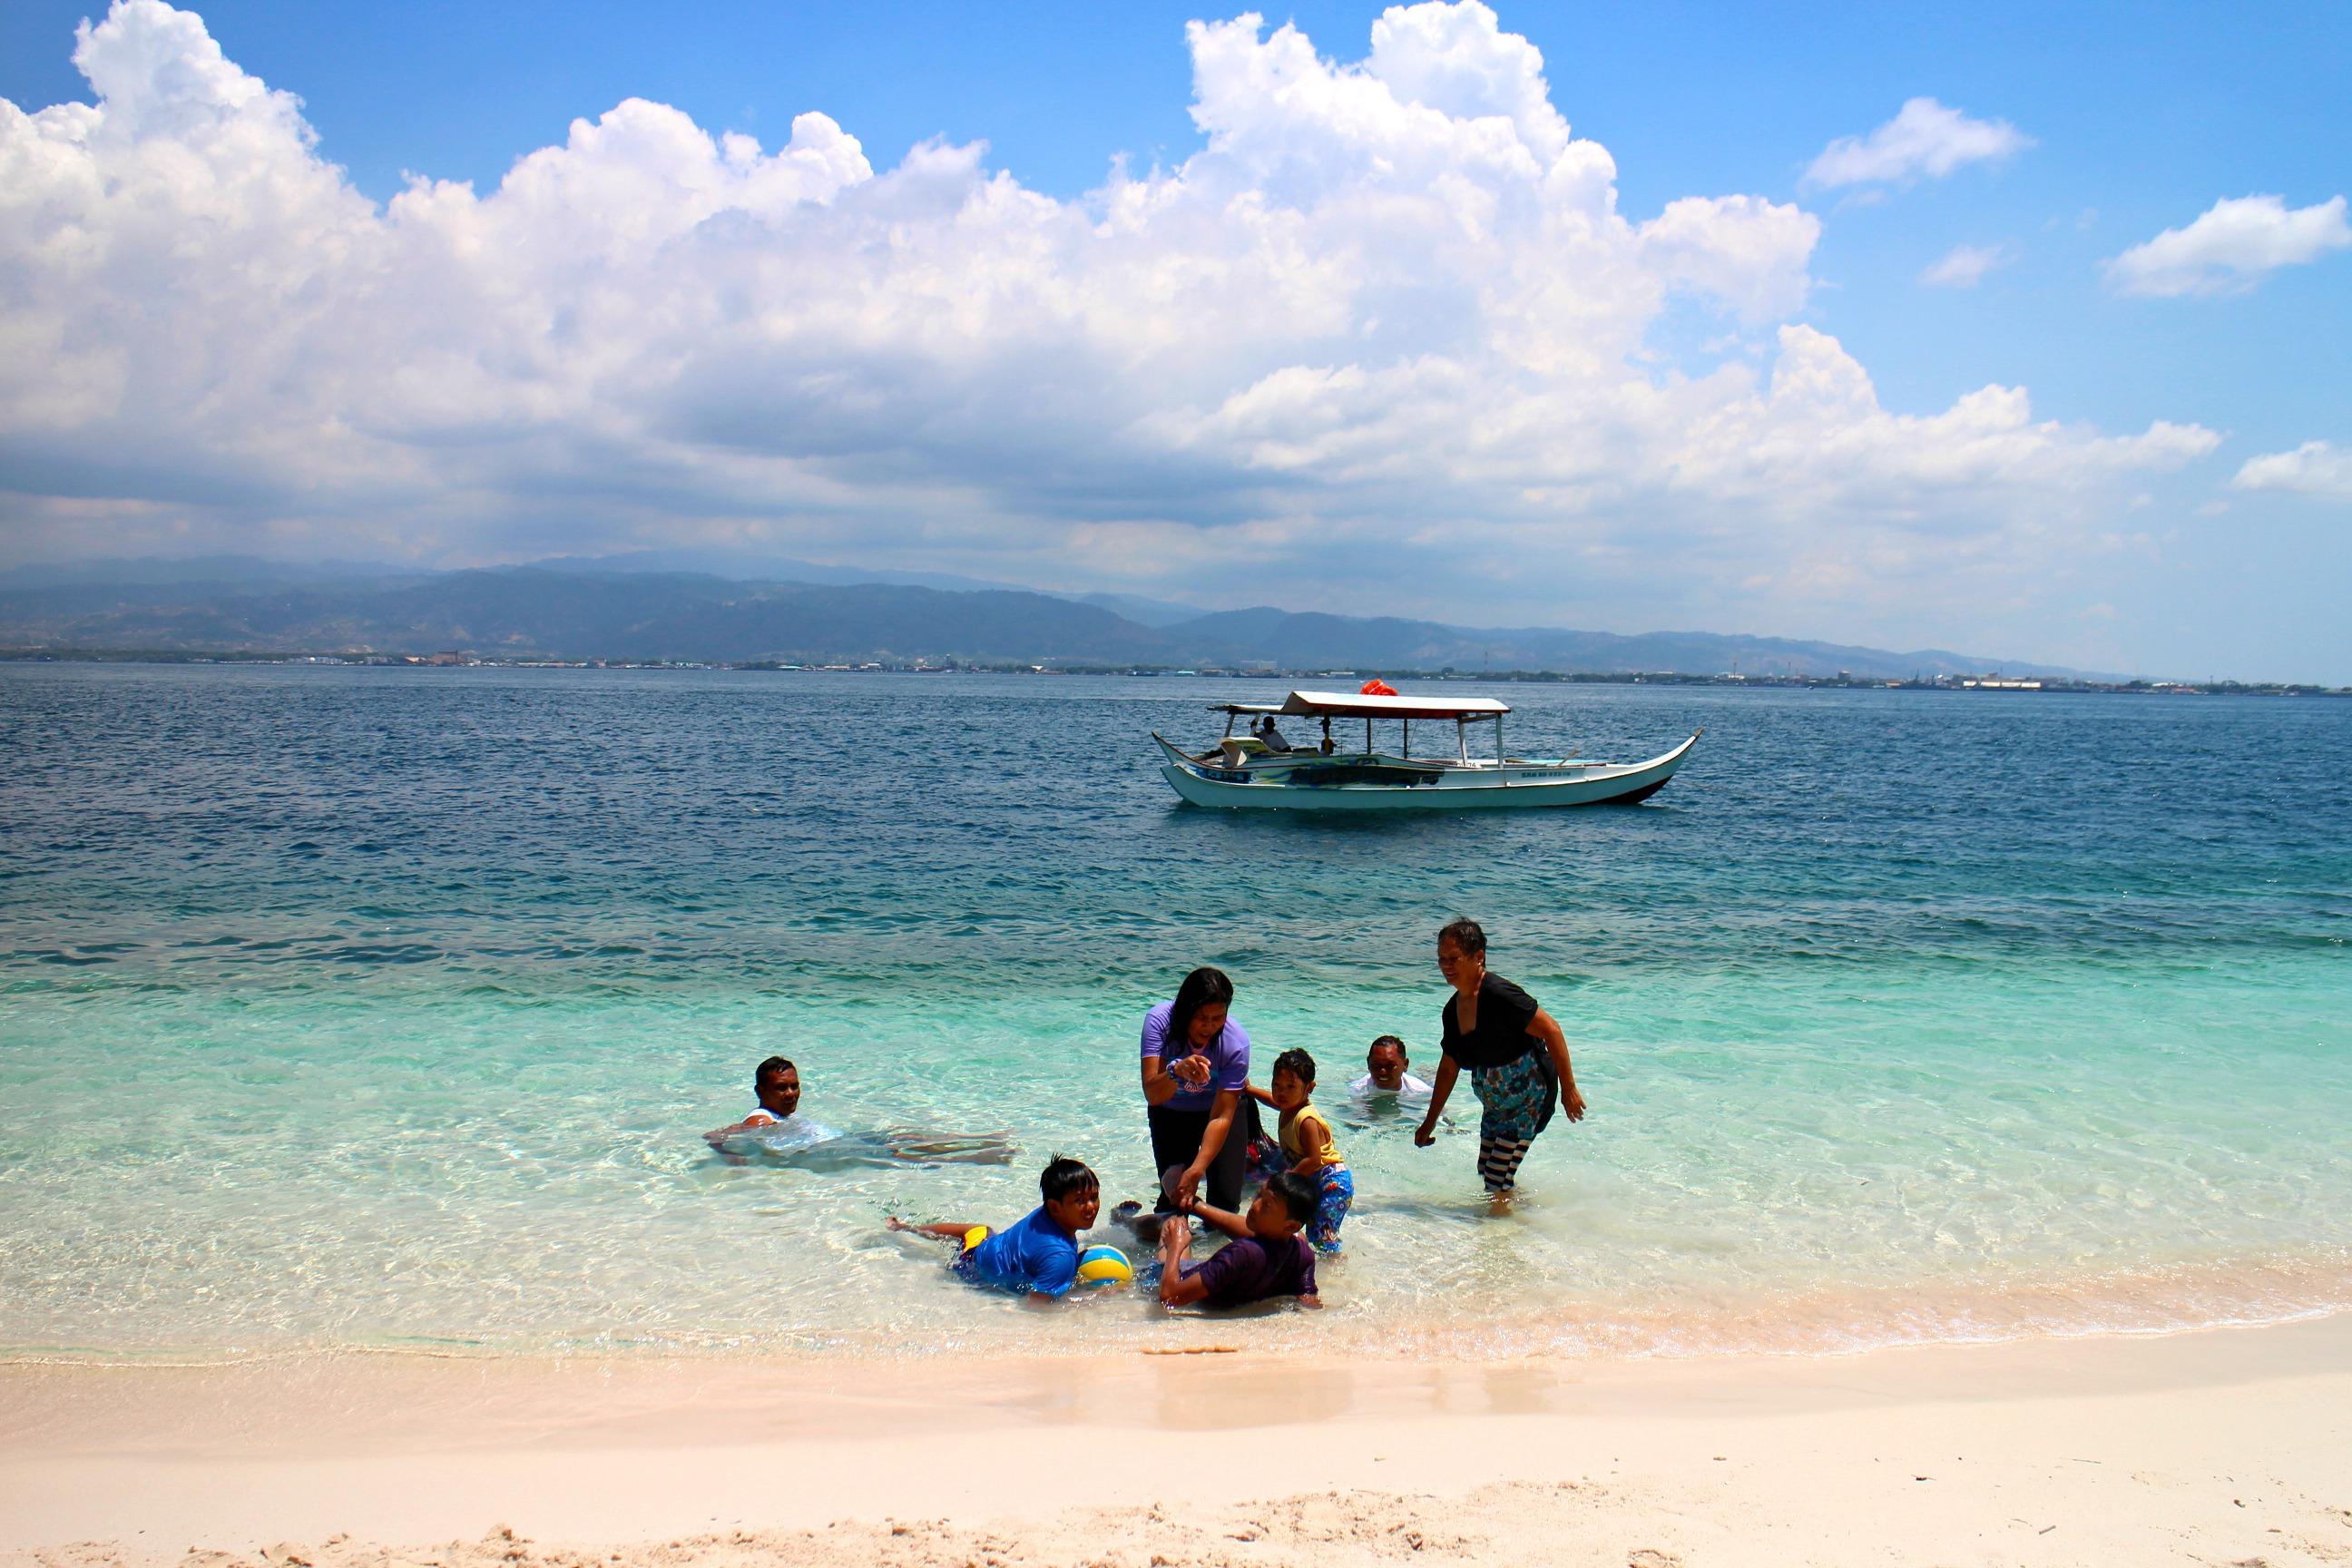 Sta. Cruz Island, Zamboanga City, PH - 2015